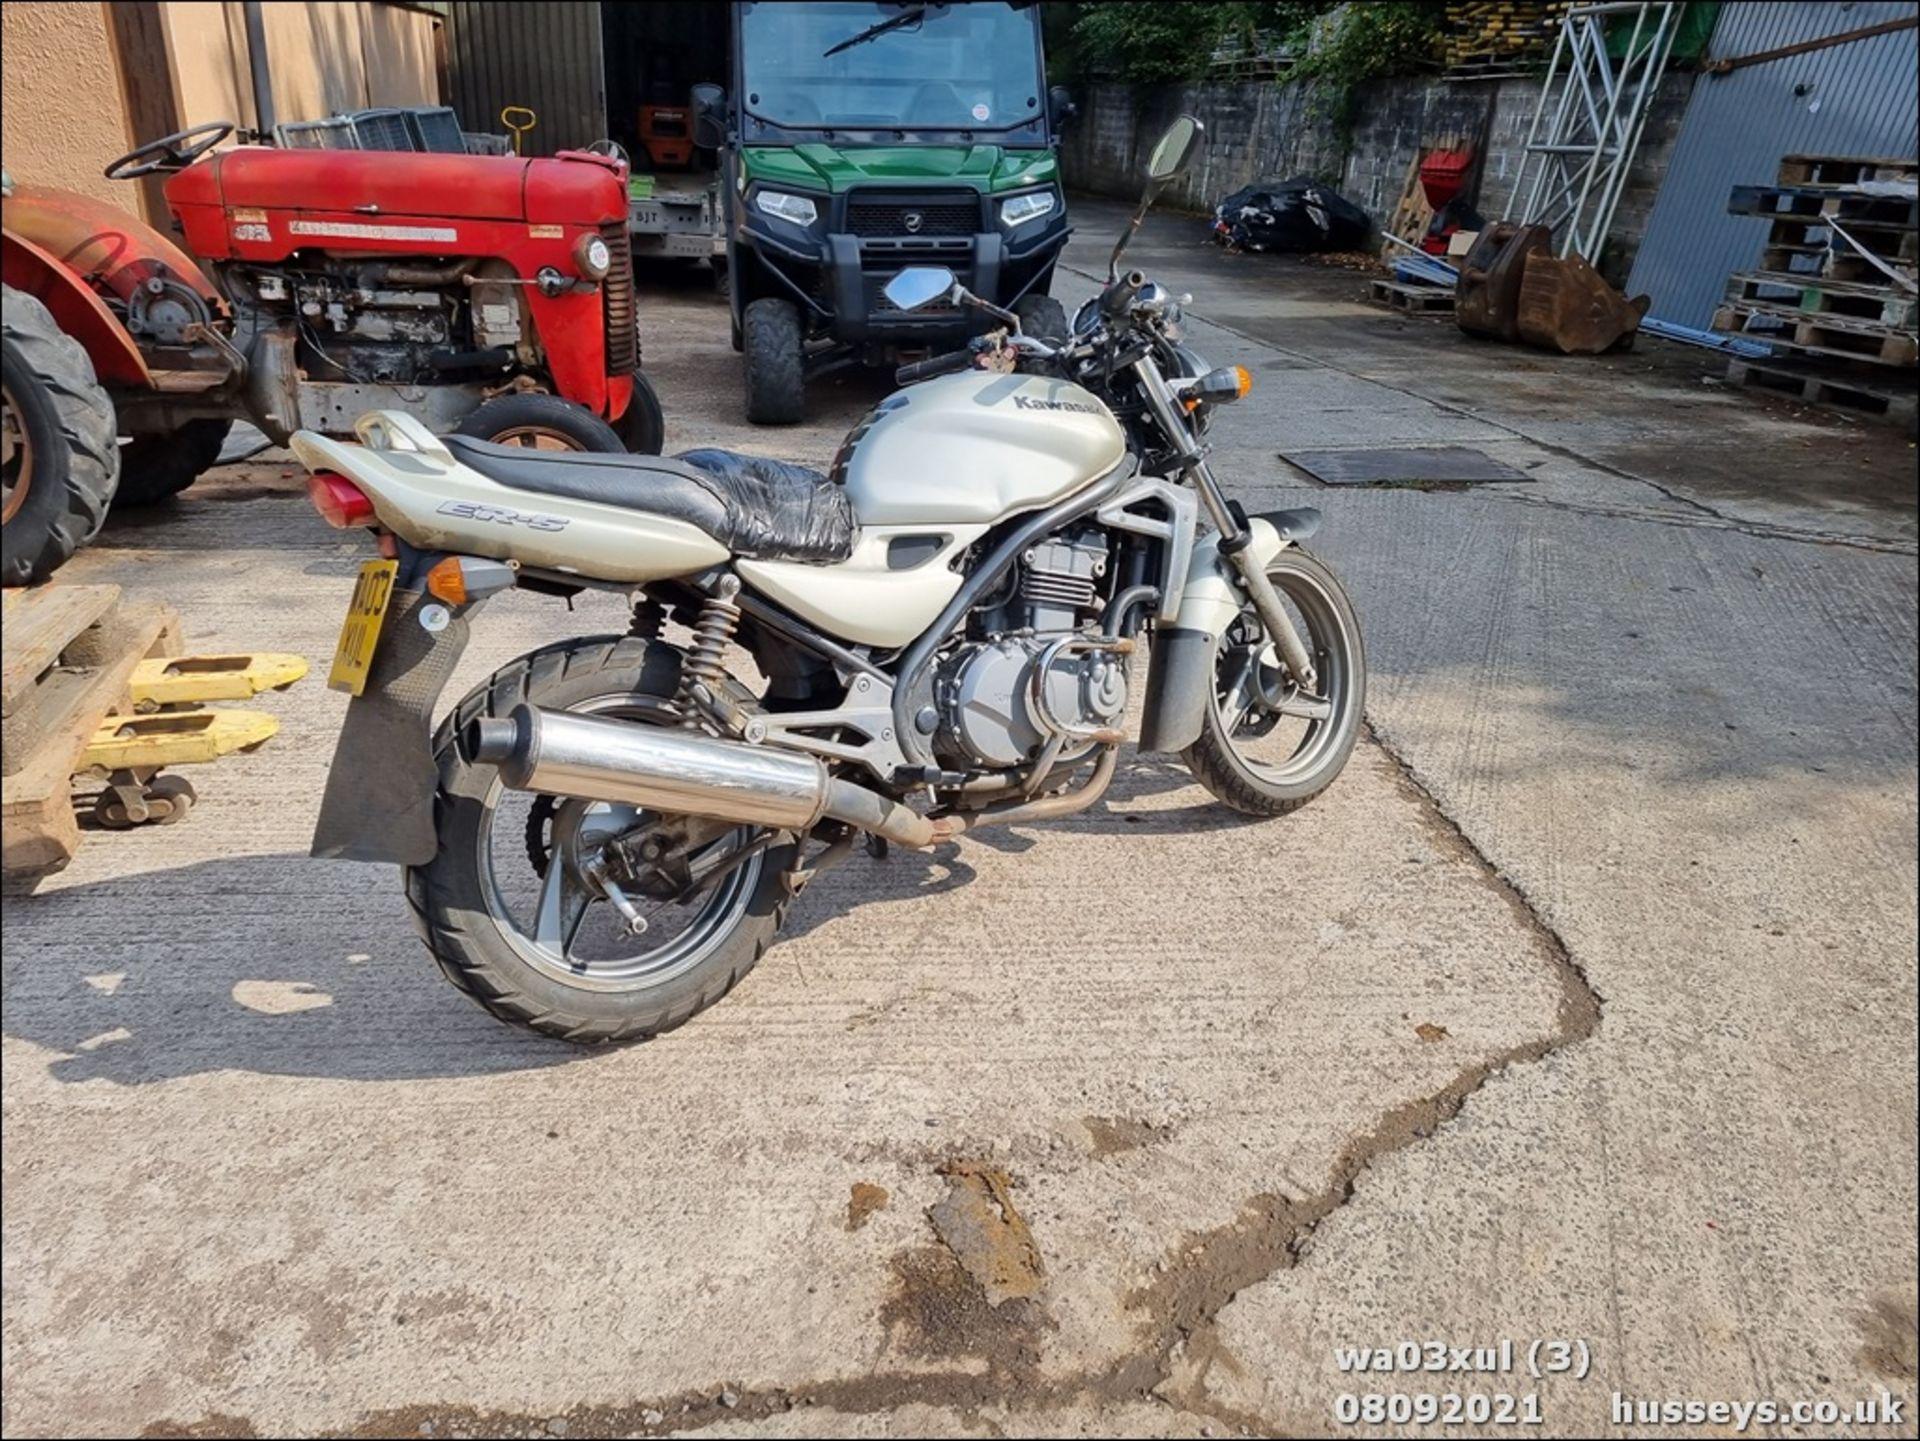 03/03 KAWASAKI ER500-C1 - 498cc Motorcycle (Gold) - Image 3 of 16